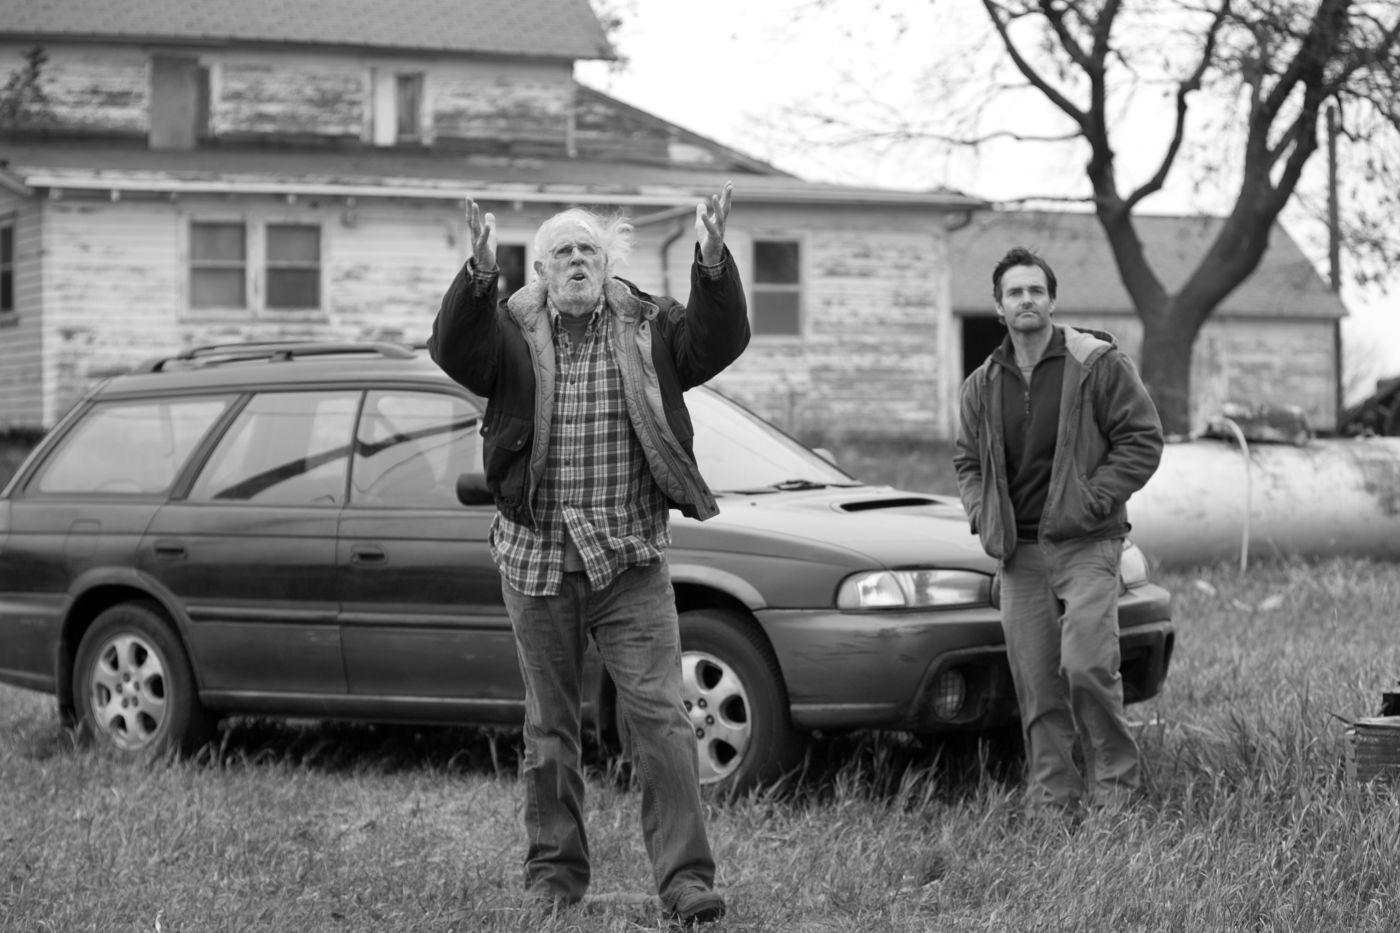 Bruce Dern e Will Forte em Nebraska, de Alexander Payne, um dos favoritos à Palma de Ouro (photo by www.outnow.ch)